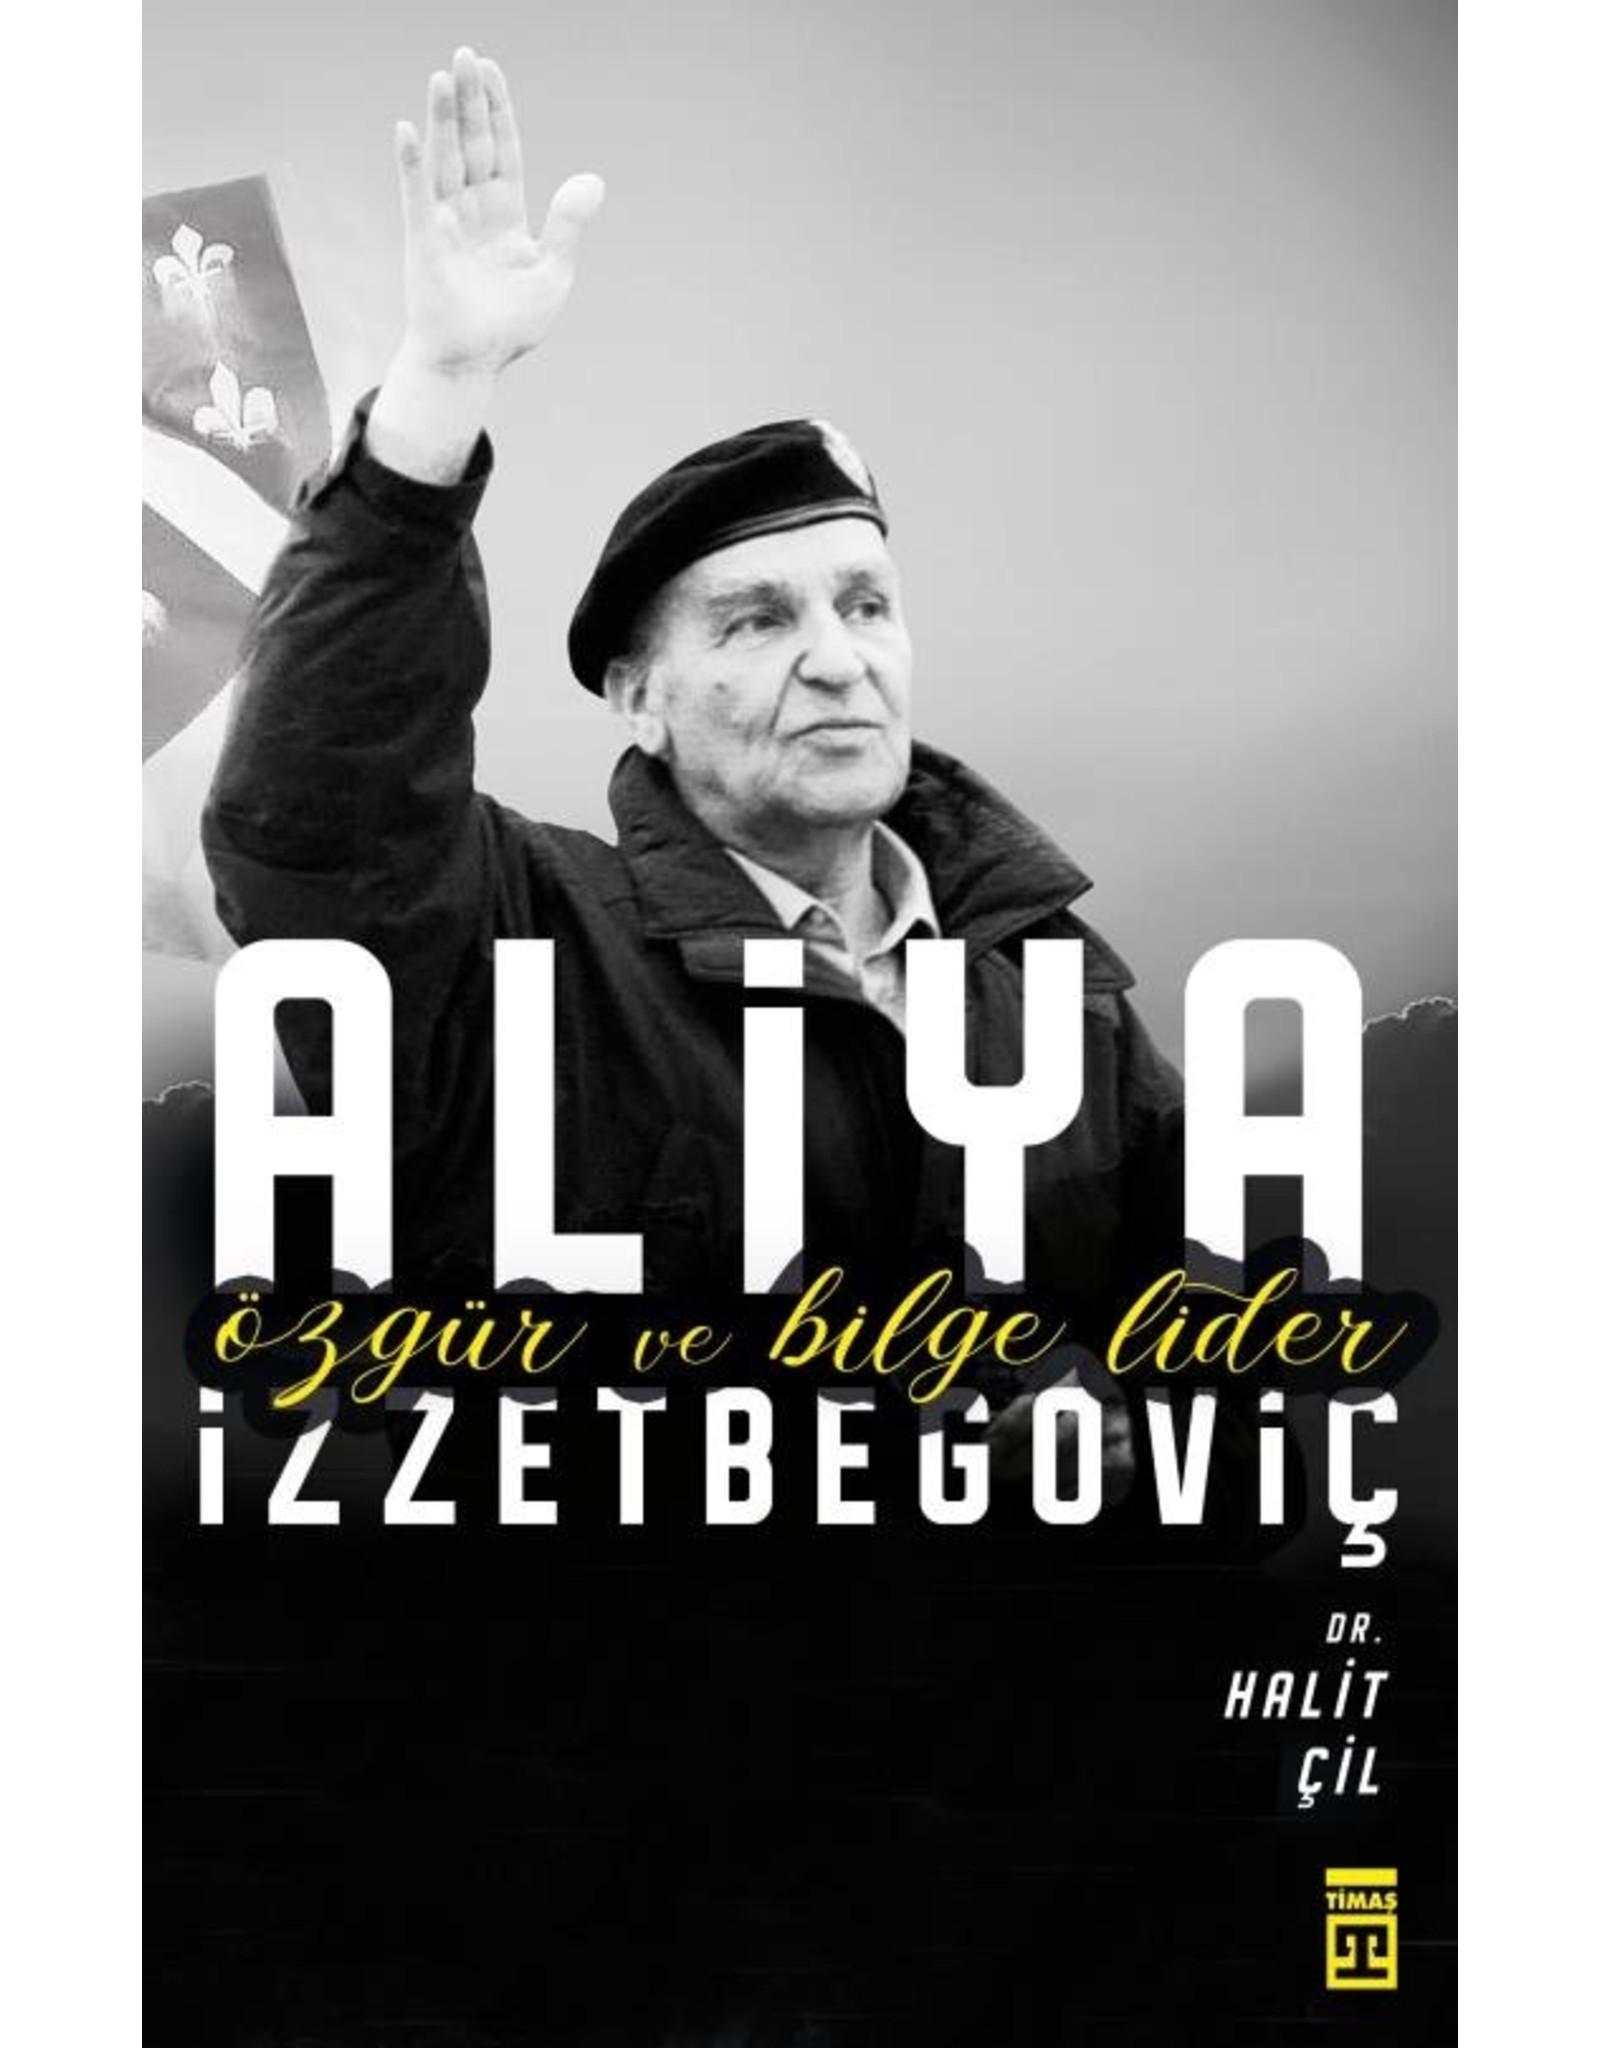 Halit Çil Özgür ve Bilge Lider Aliya İzzetbegoviç